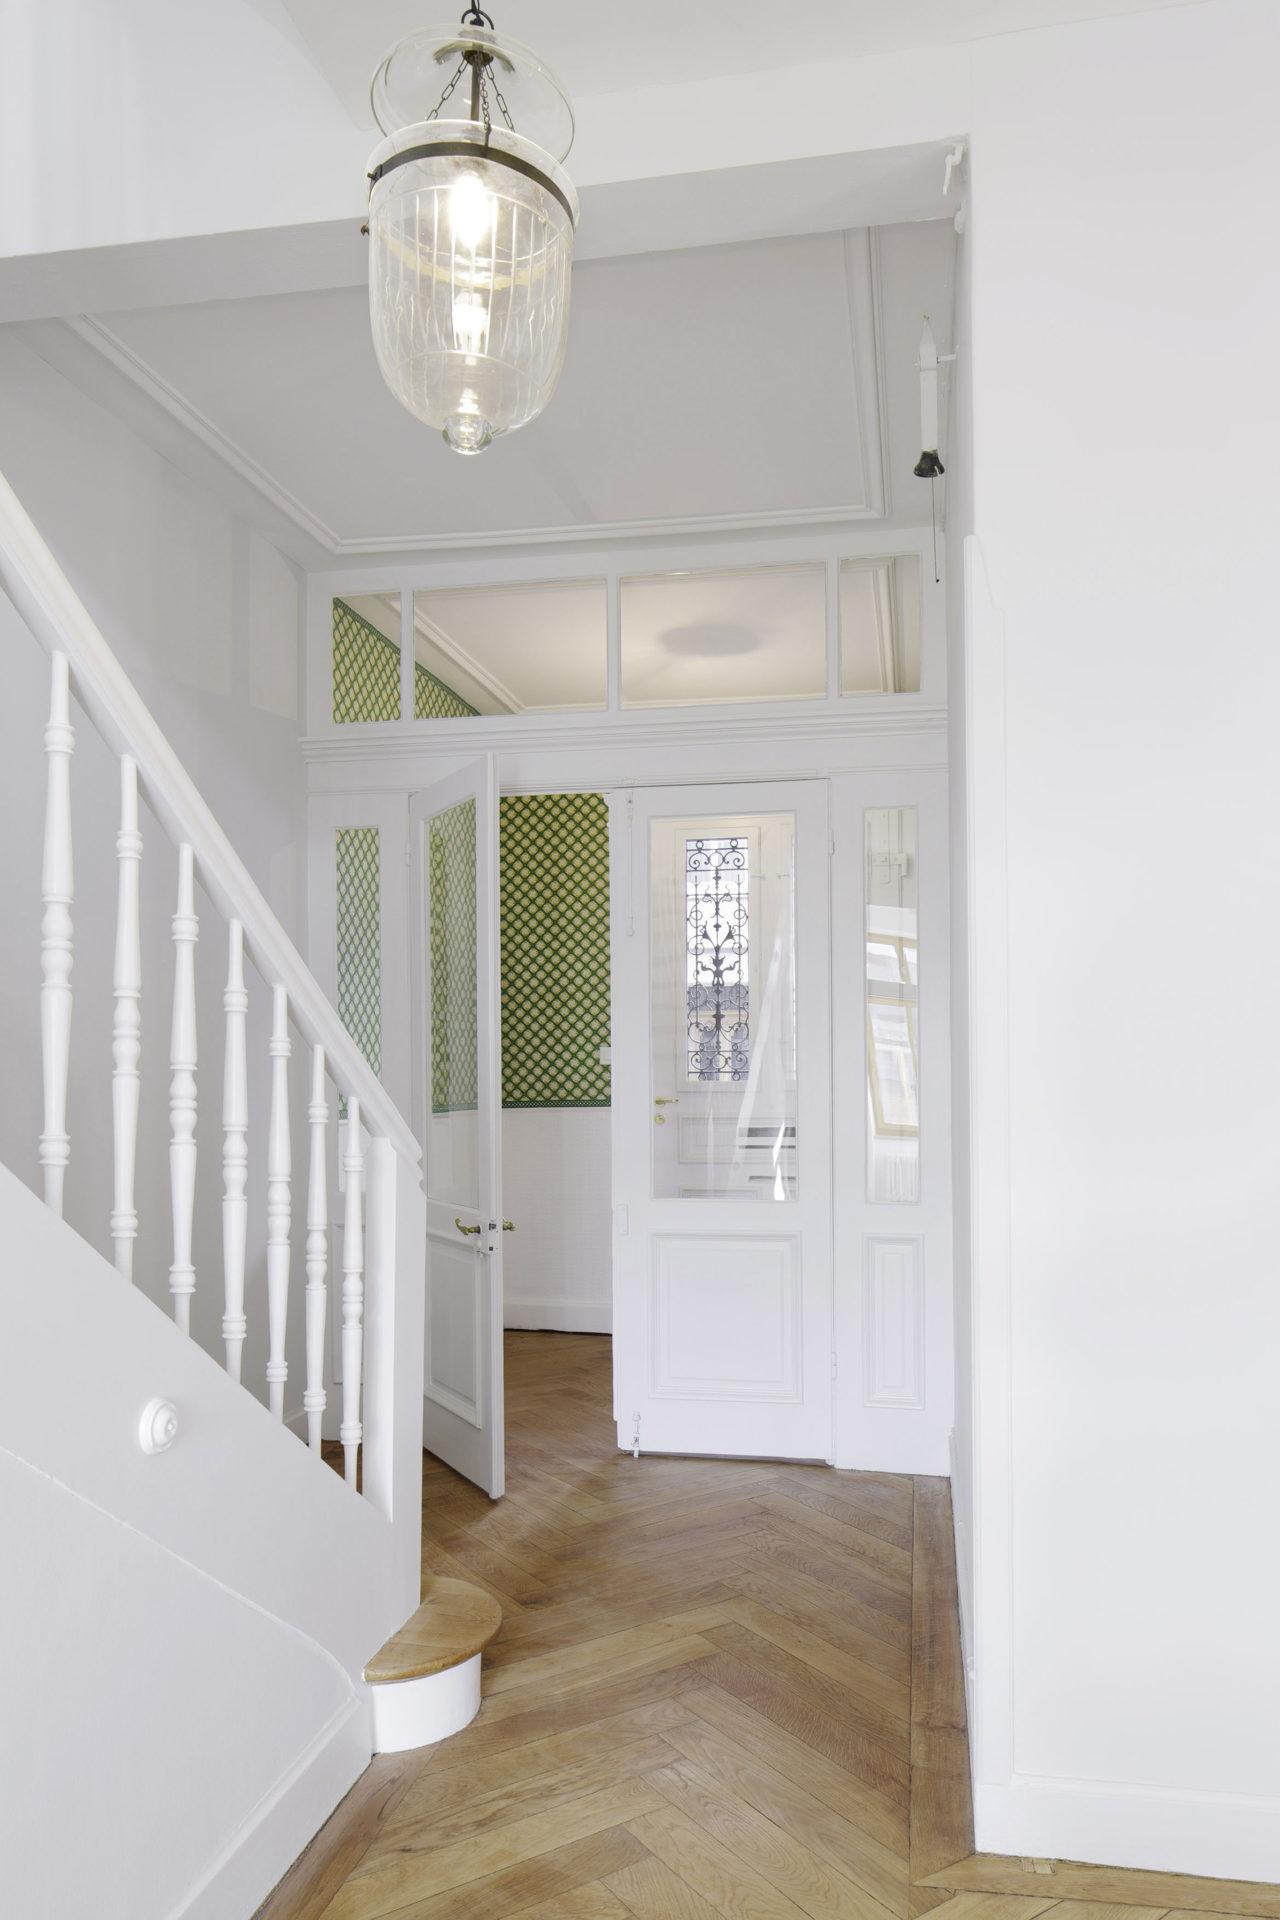 Eingang im Erdgeschoss nach Umbau und Ausbau (Dachausbau)von Architekturbüro Forsberg in Basel